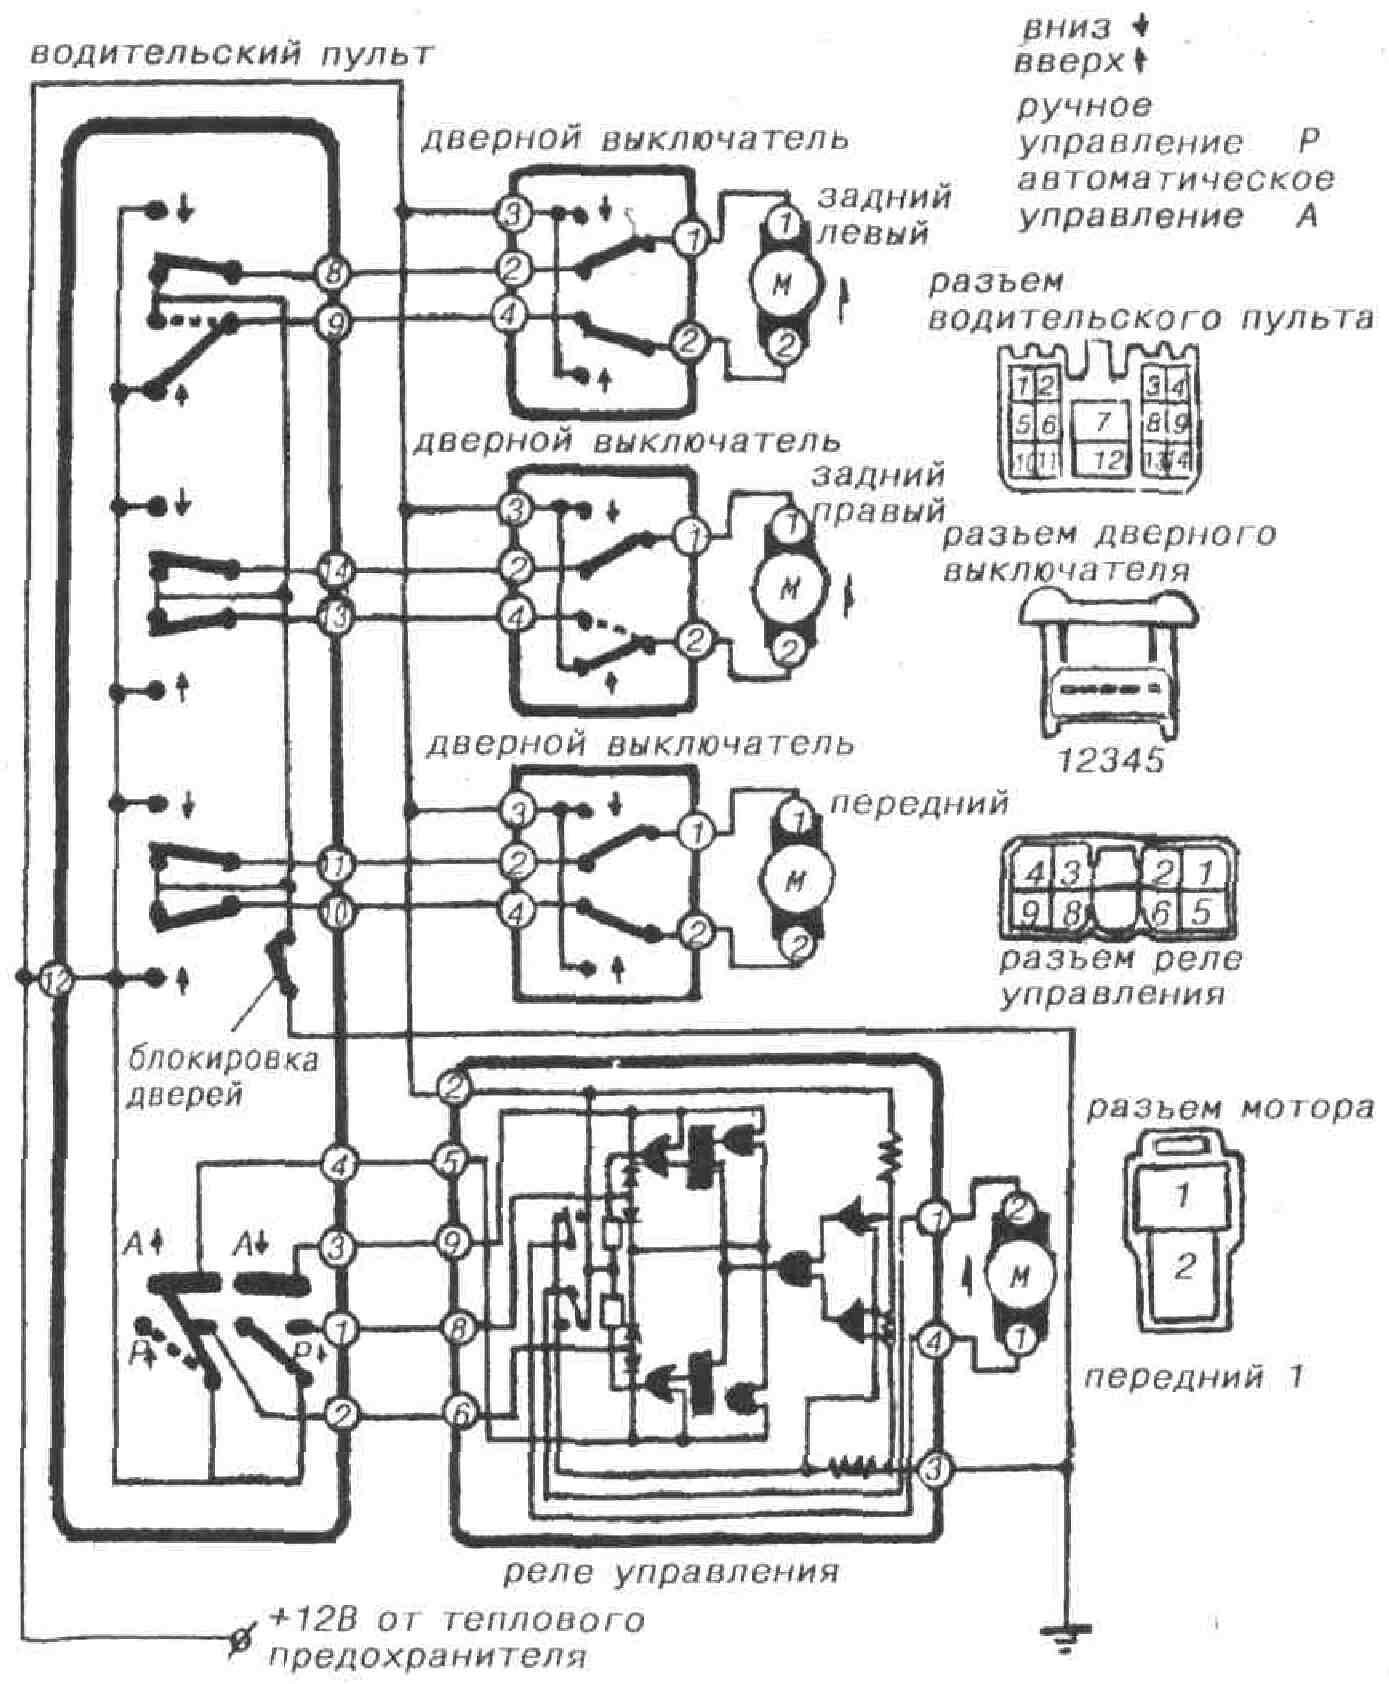 Схема подключения датчика скорости ваз 2115